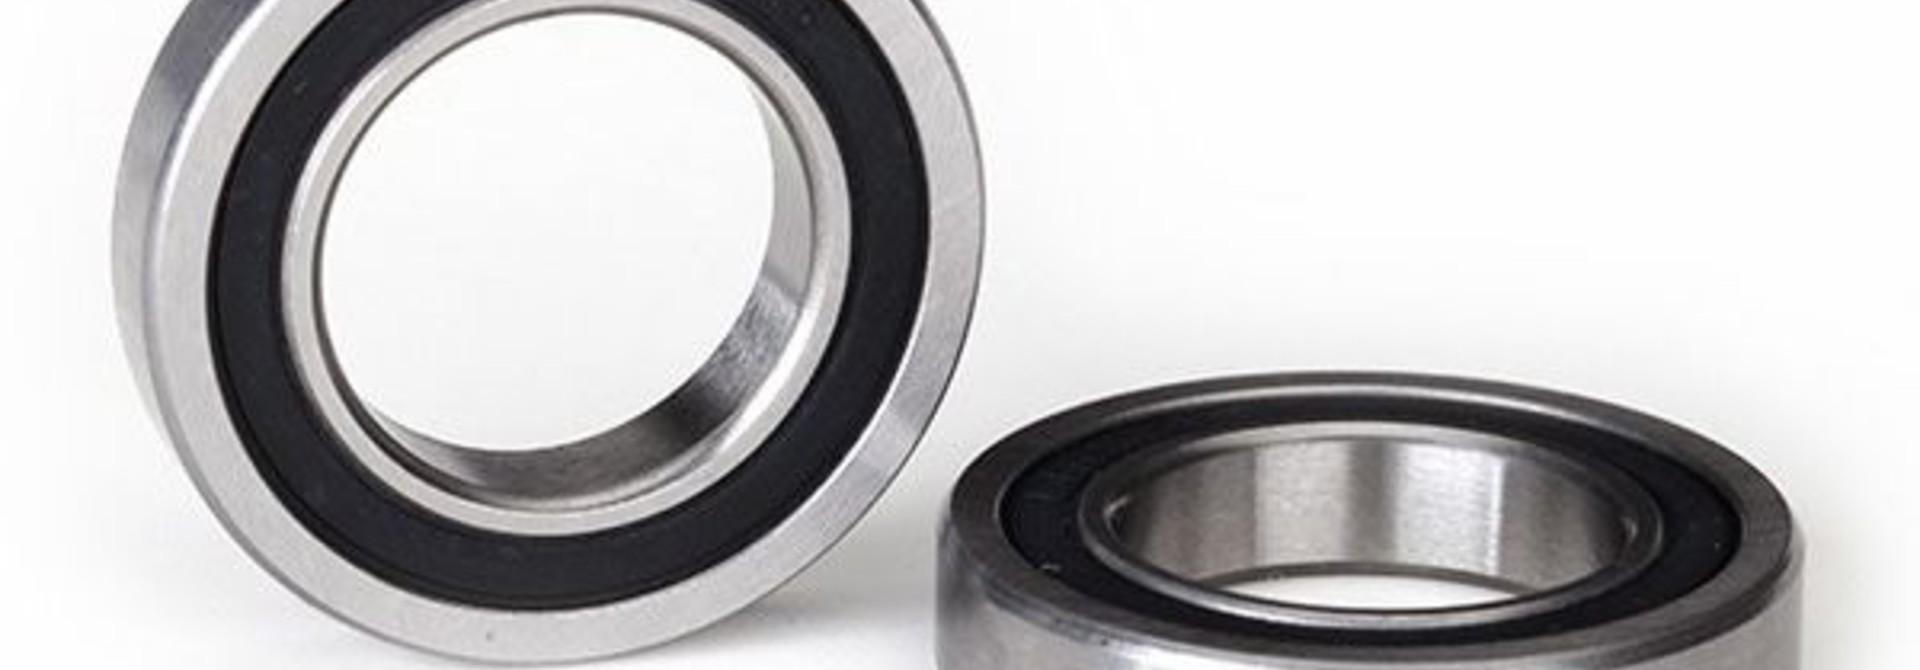 Ball bearing, black rubber sealed (15x26x5mm) (2), TRX5108A